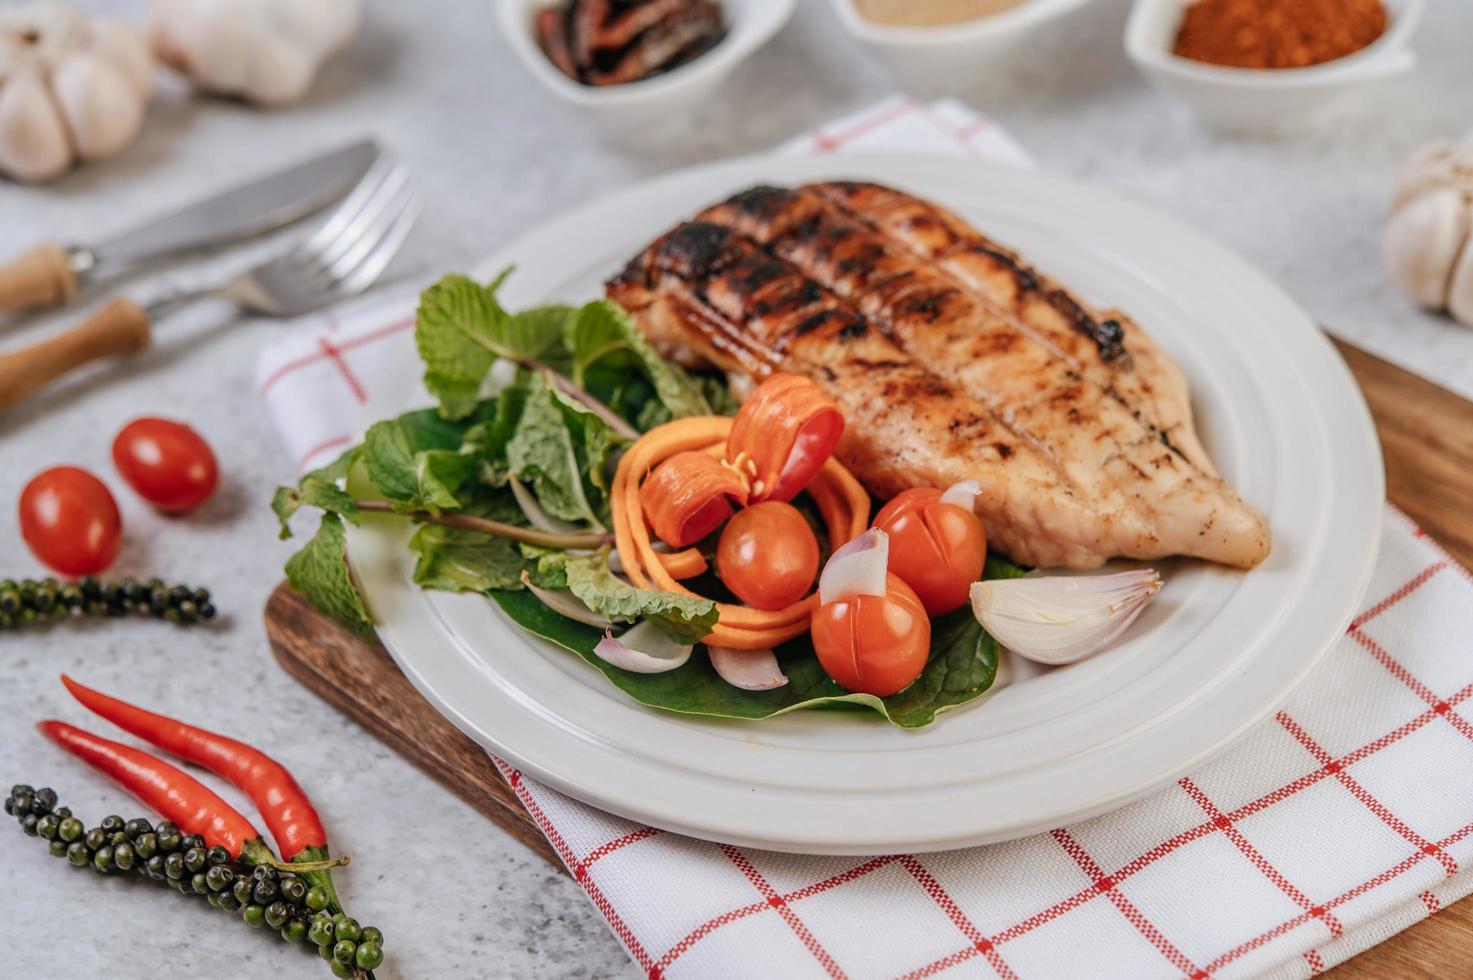 kycklingbiff med grönsaker foto